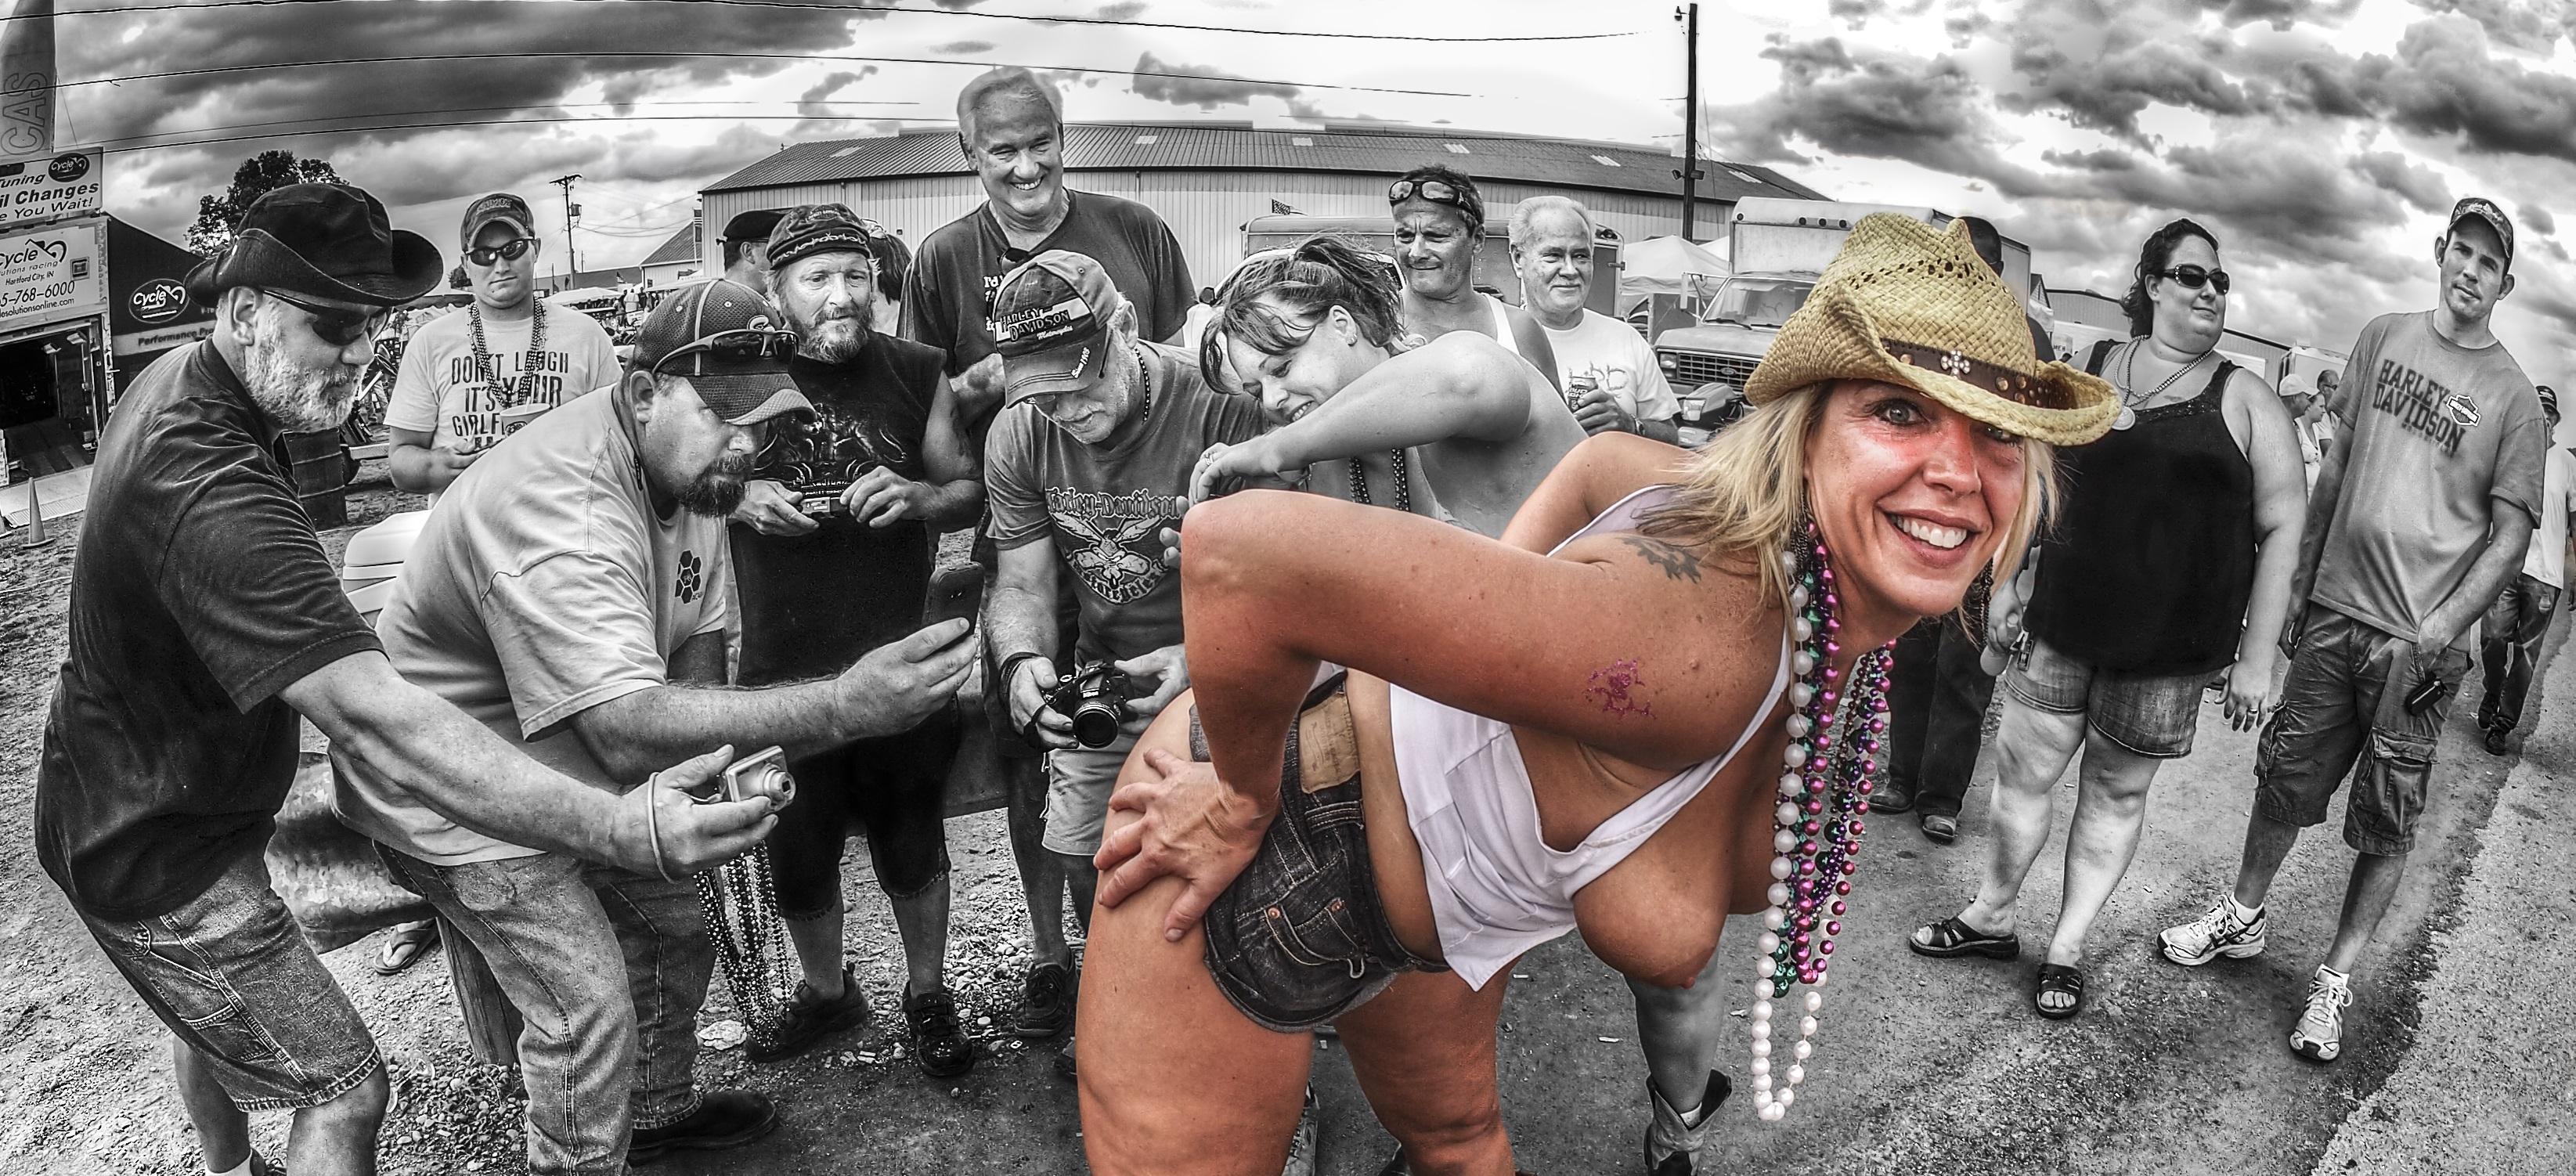 nudist teen hermaphrodite